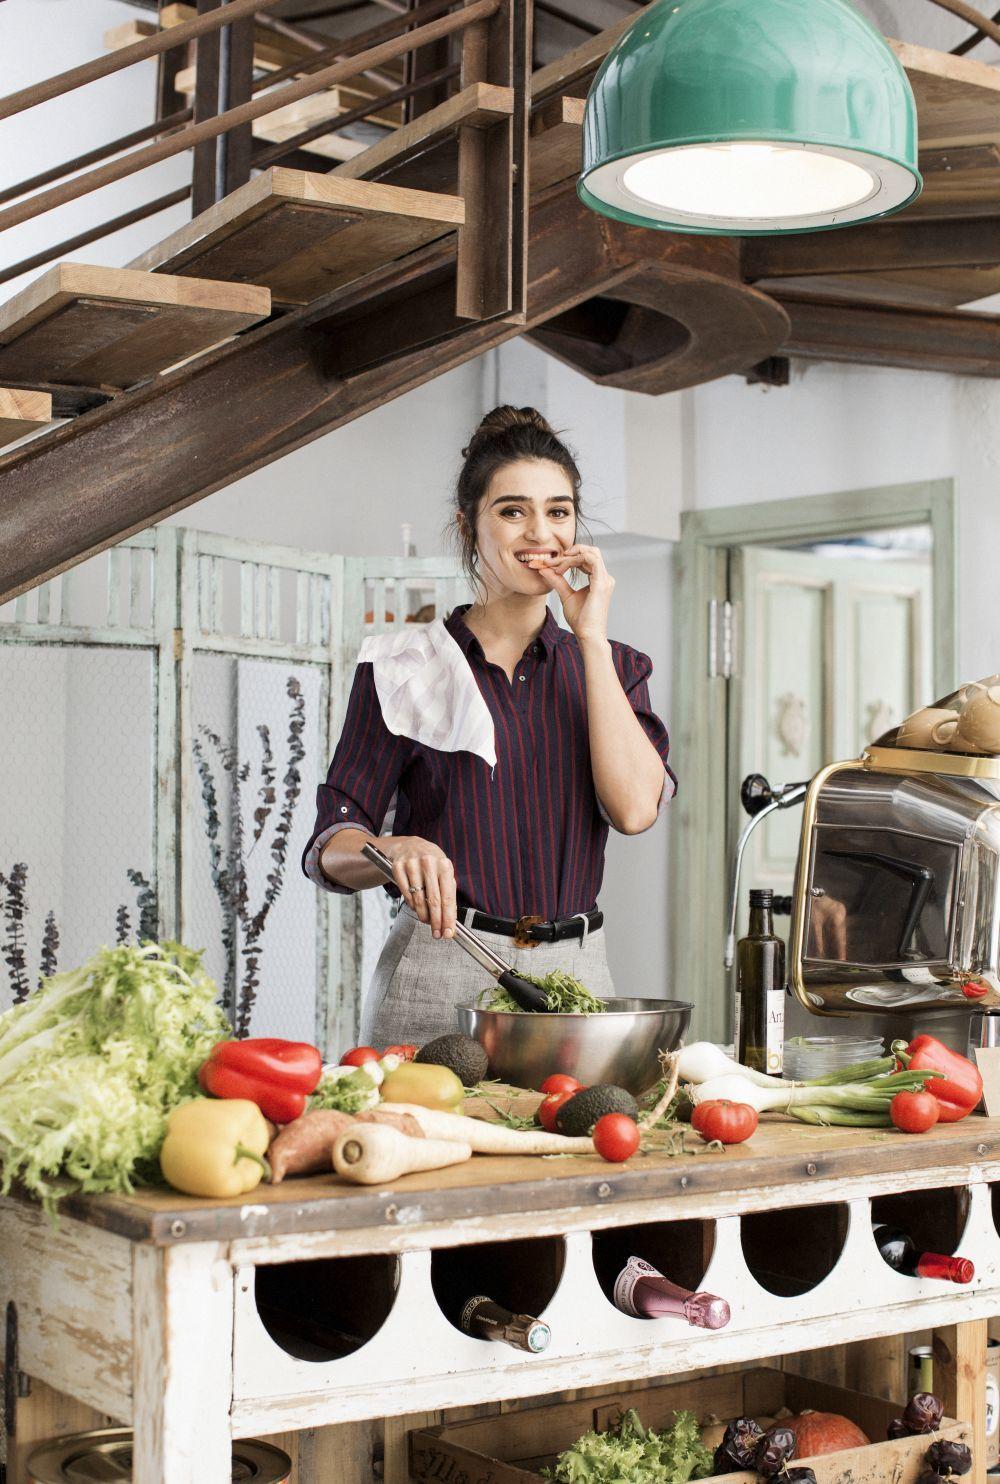 Olivia Molina disfrutando de un plato de verduras.